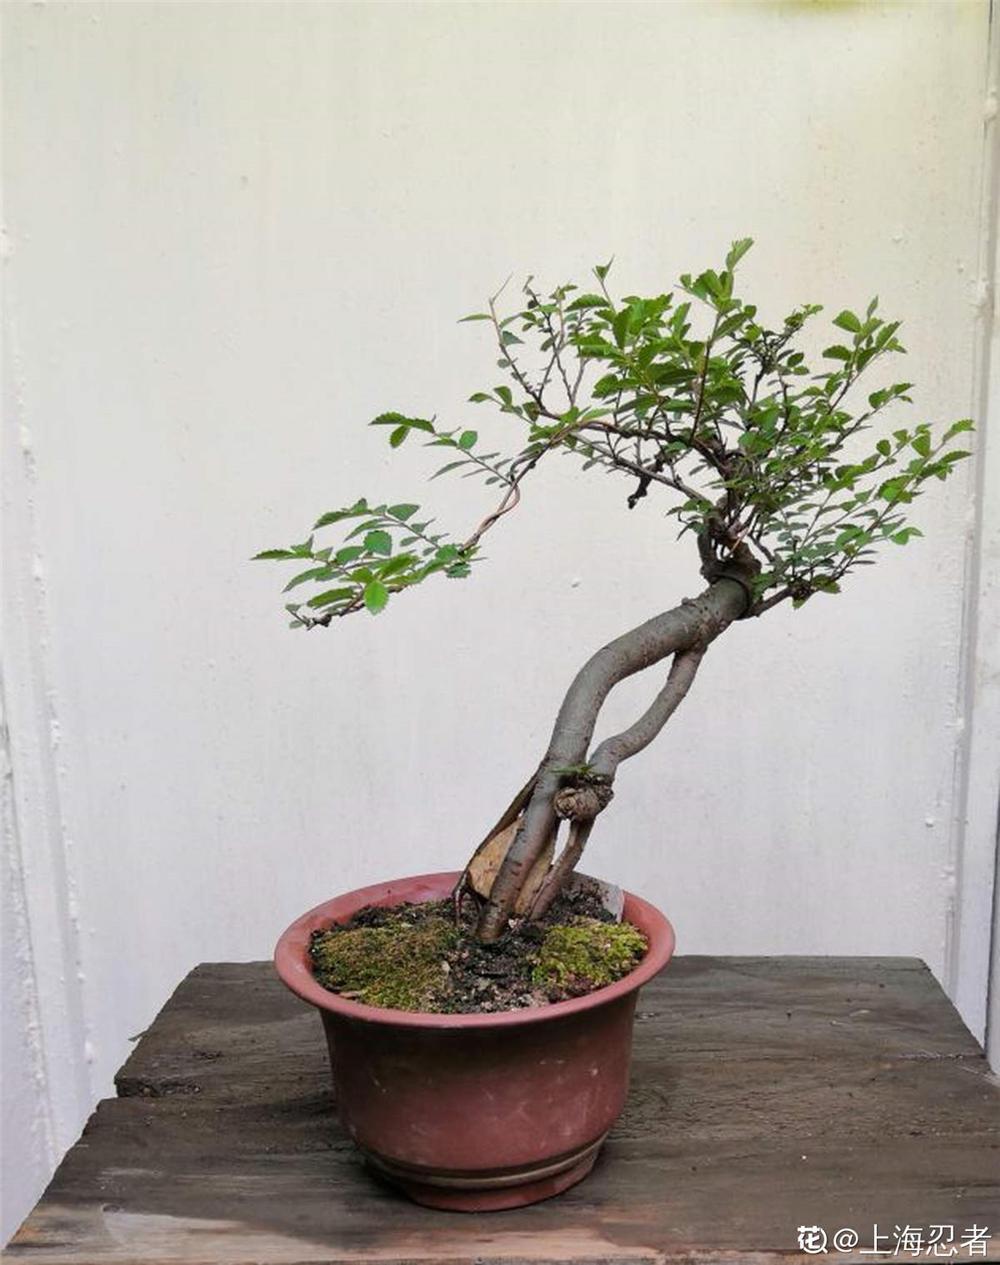 红叶小檗价格_绿篱的种类有哪些 – 花百科